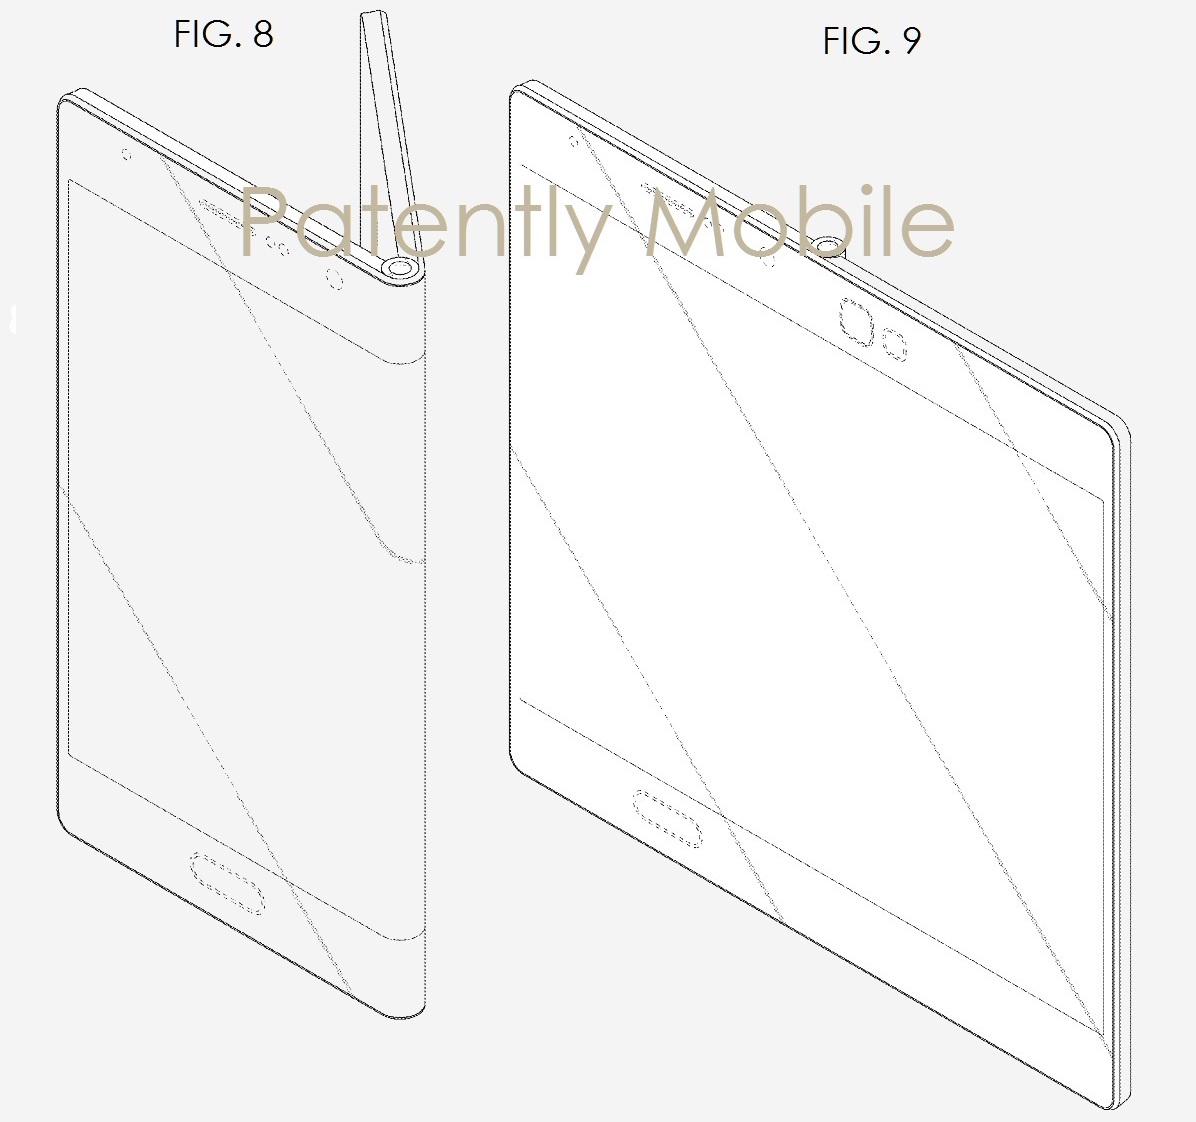 Nuevos planos del smartphone flexible de Samsung